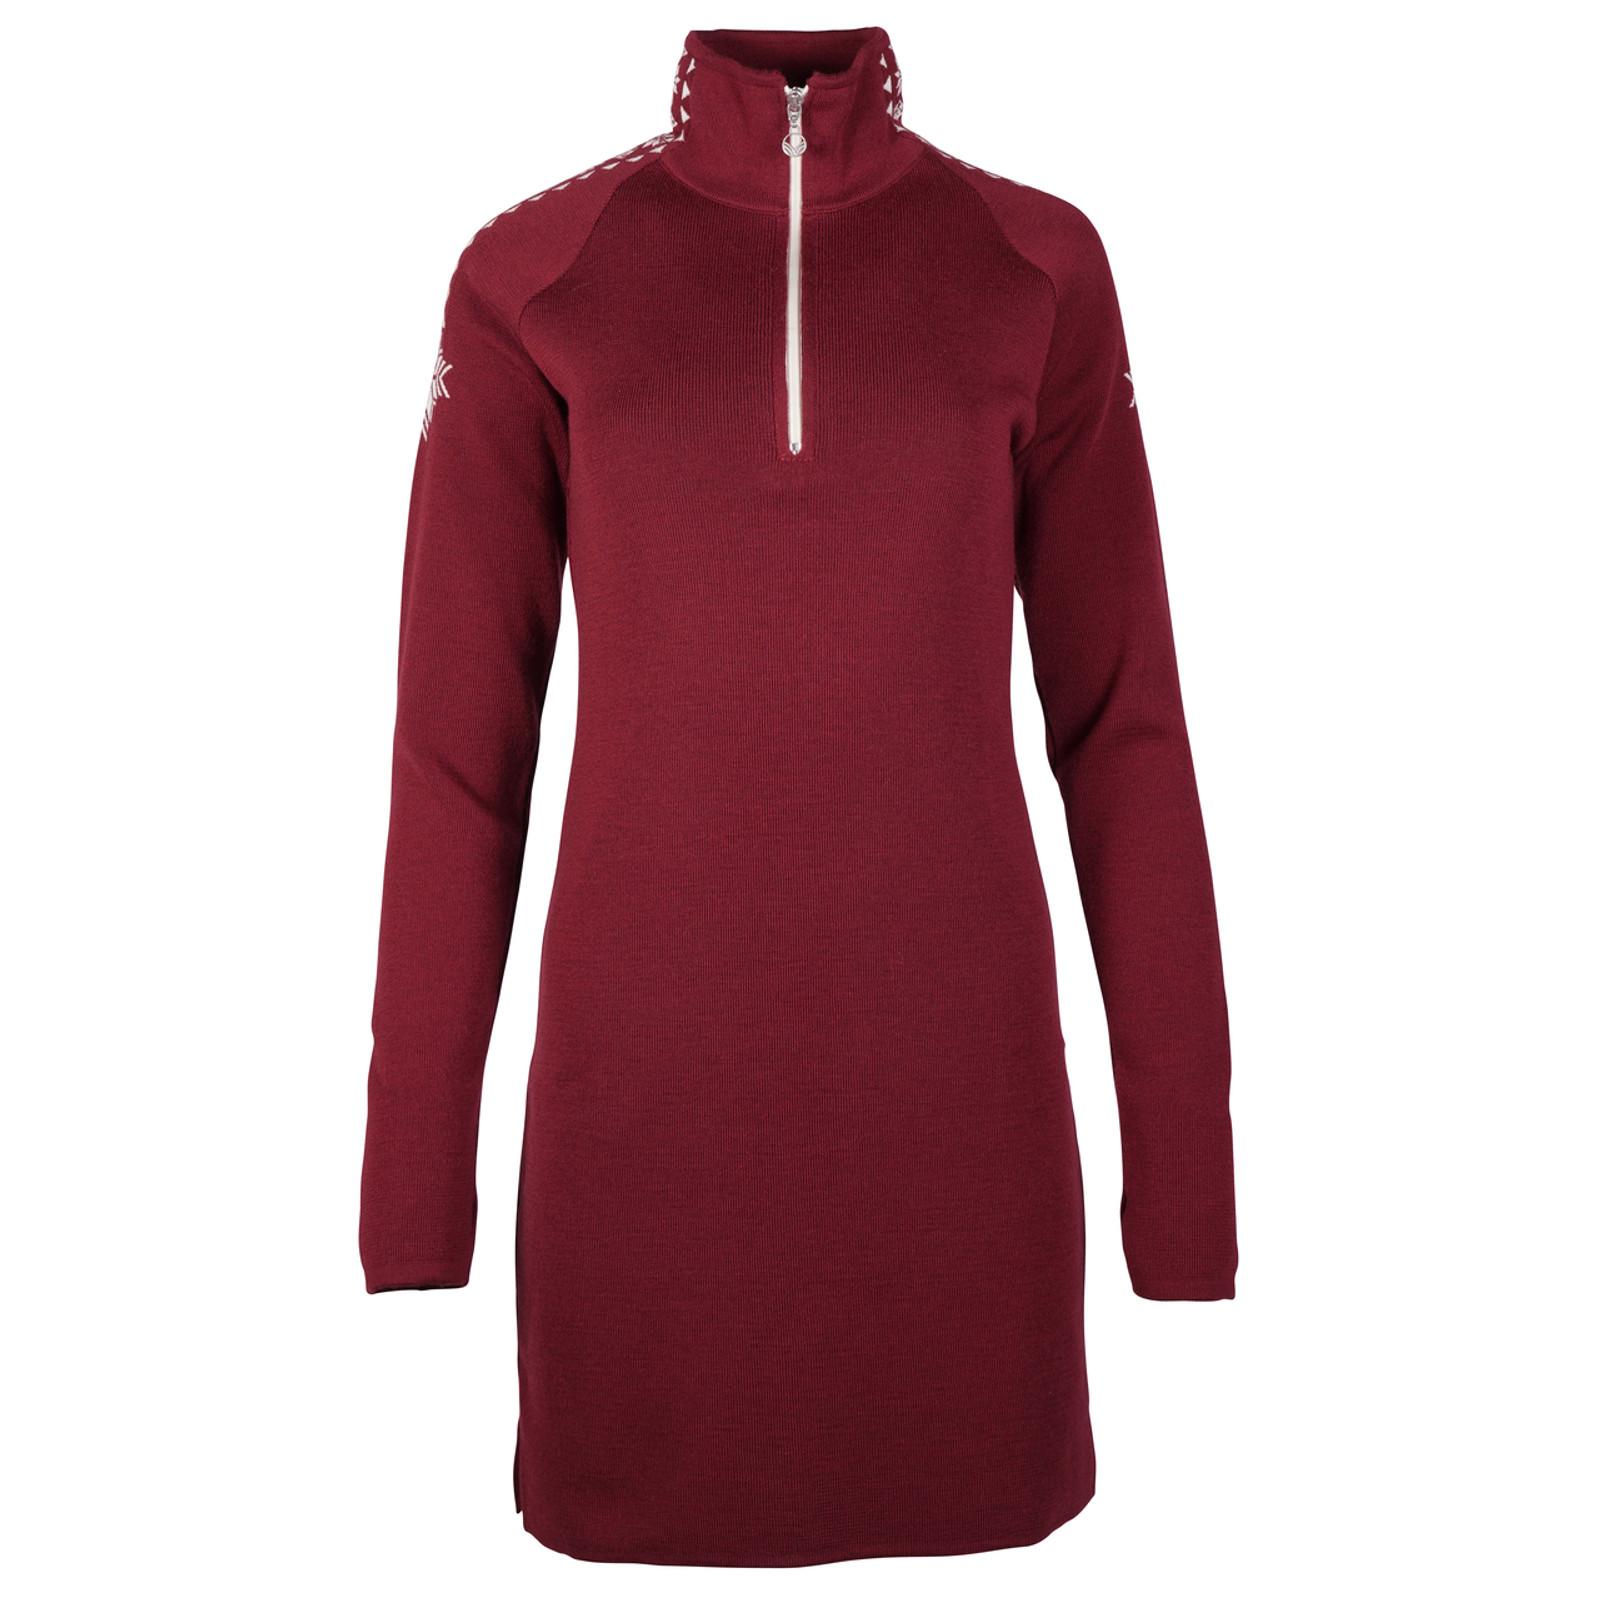 Dale of Norway Geilo Dress in Ruby Melange, 65100-V